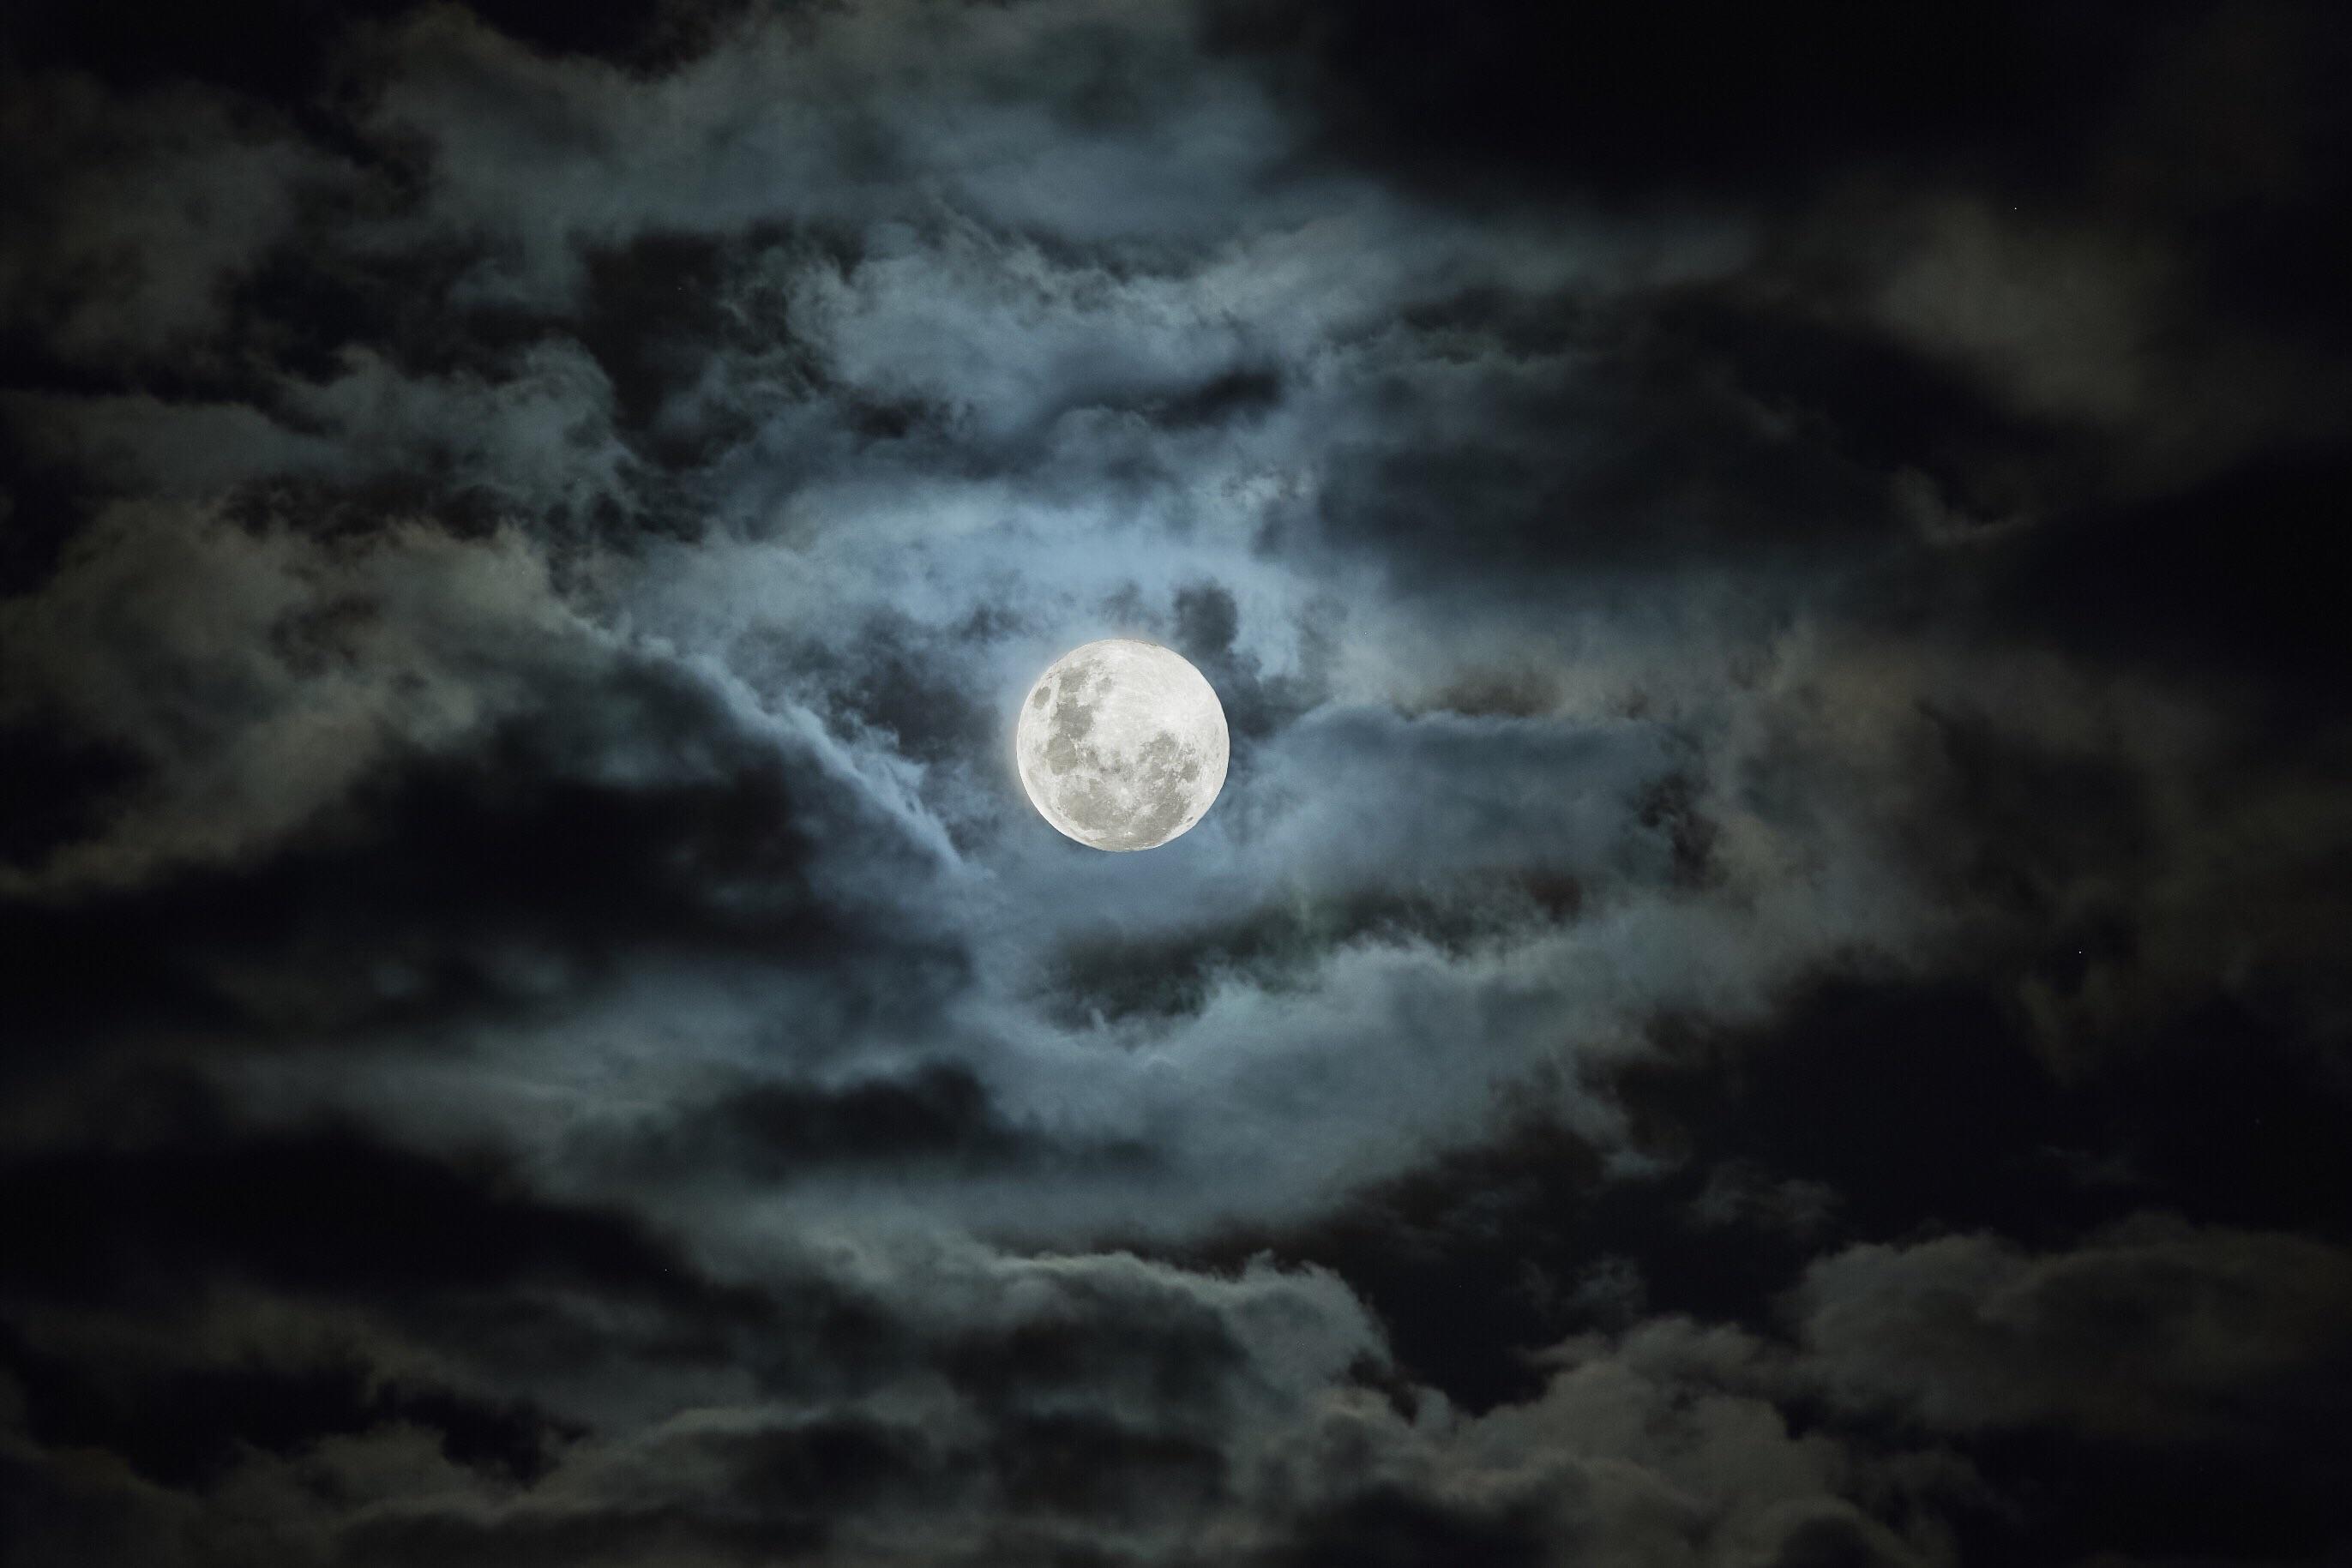 фотография луны в облаках производился двух основных